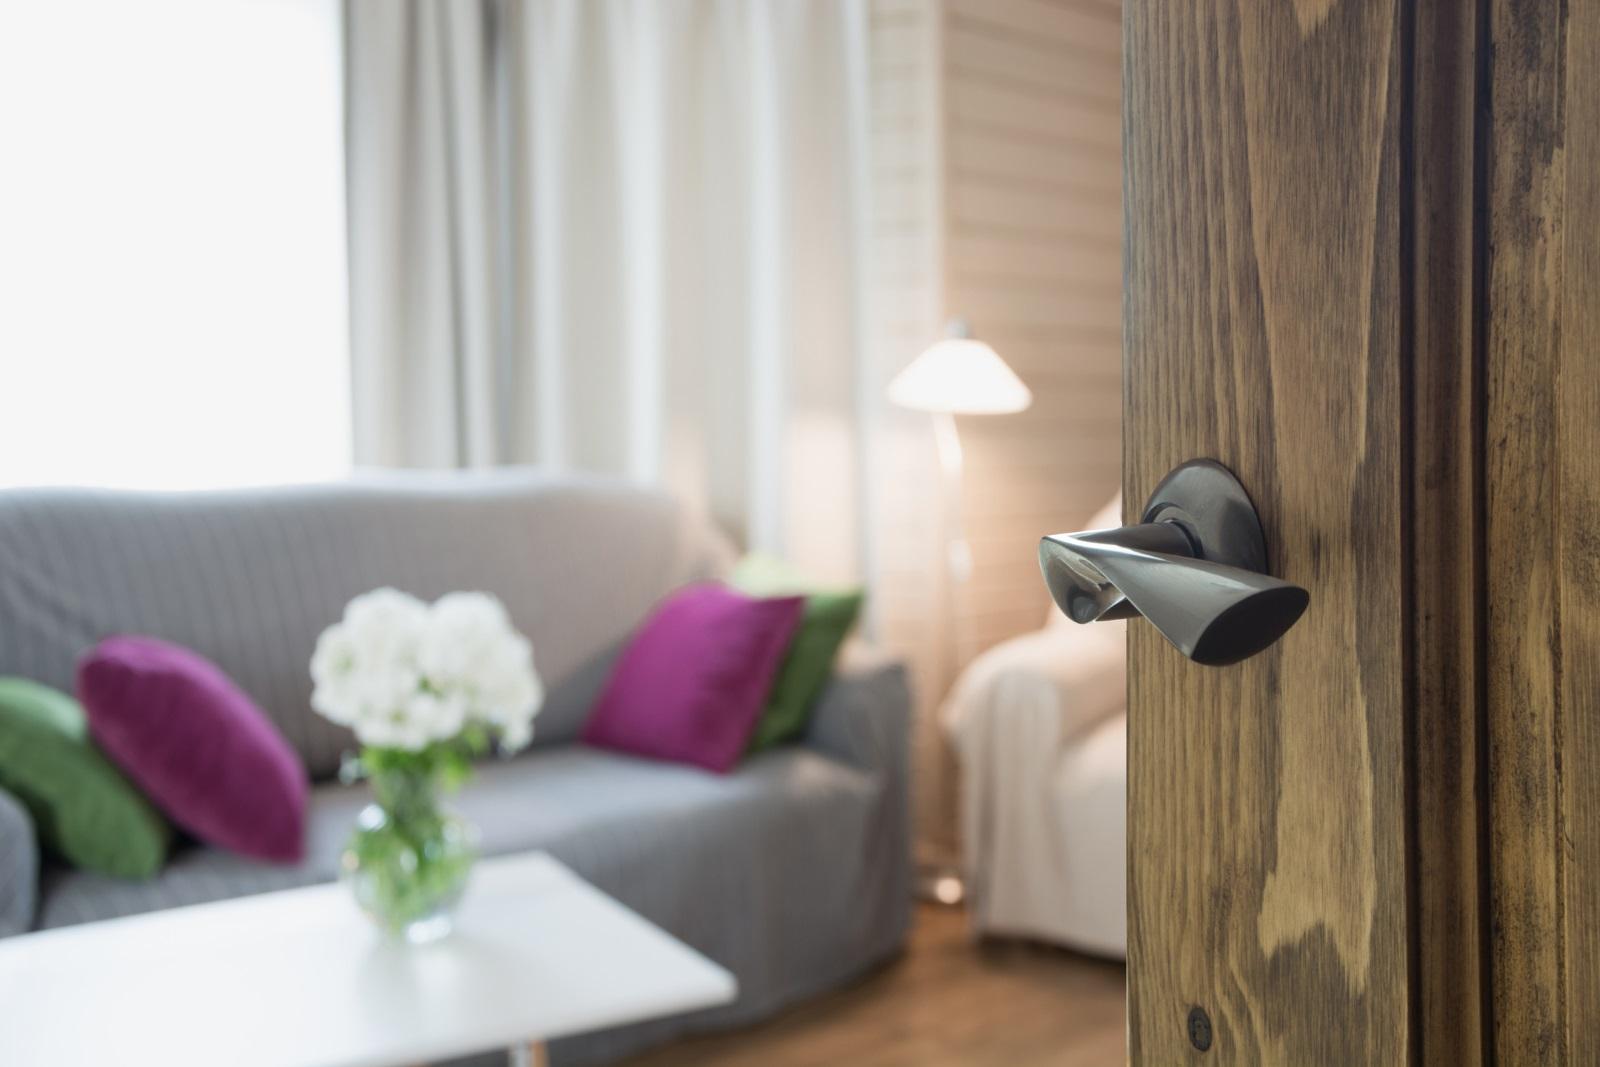 Вратите трябва да се отварят лесно и широко, за да може позитивната енергия да проникне лесно в дома ви.